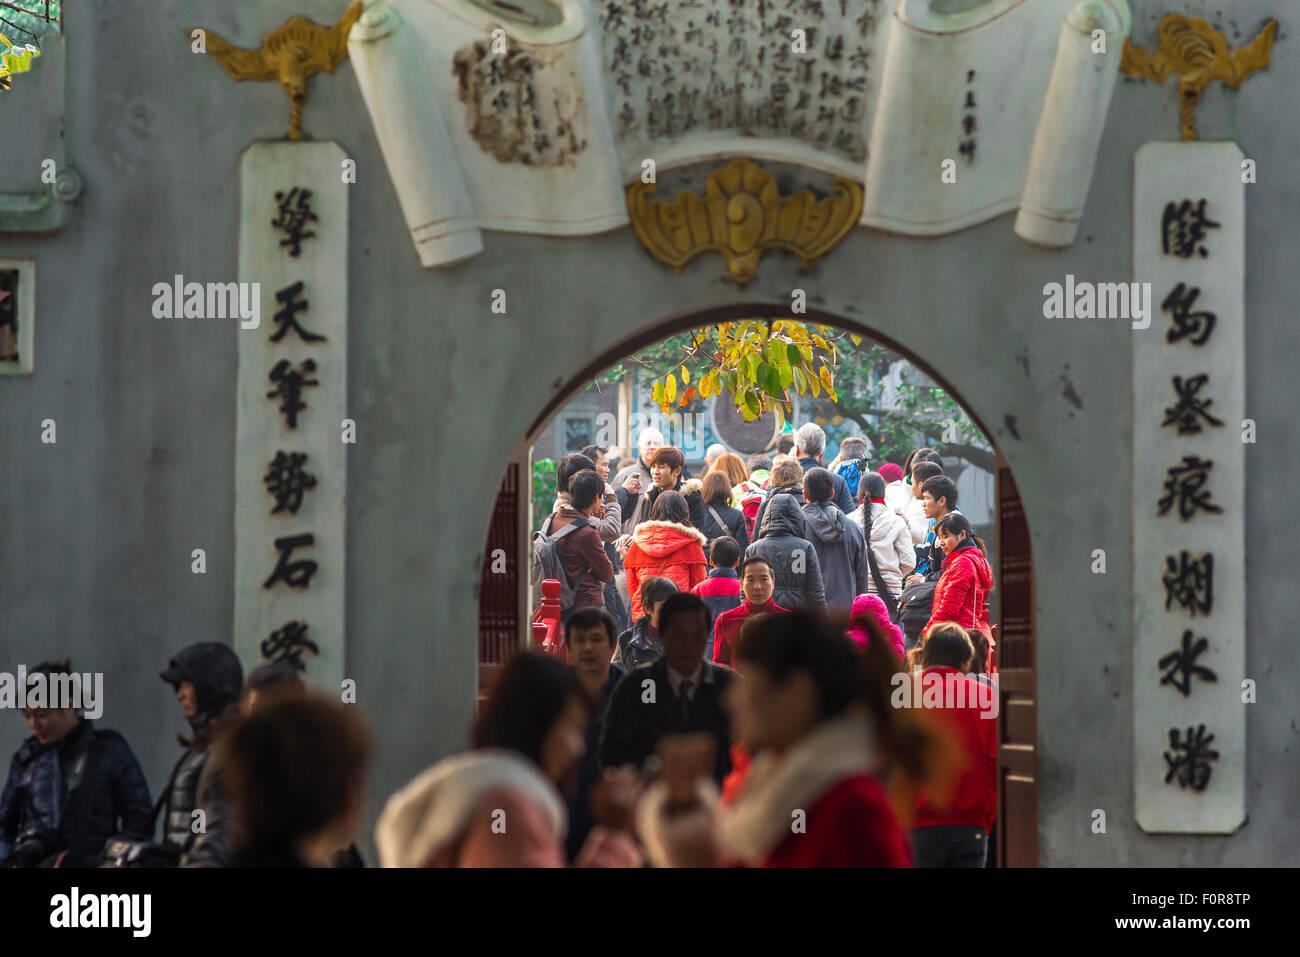 Hanoi turisti, vista di turisti affollano l'approccio a Huc ponte mentre visitando il Tempio del tumulo di giada Immagini Stock